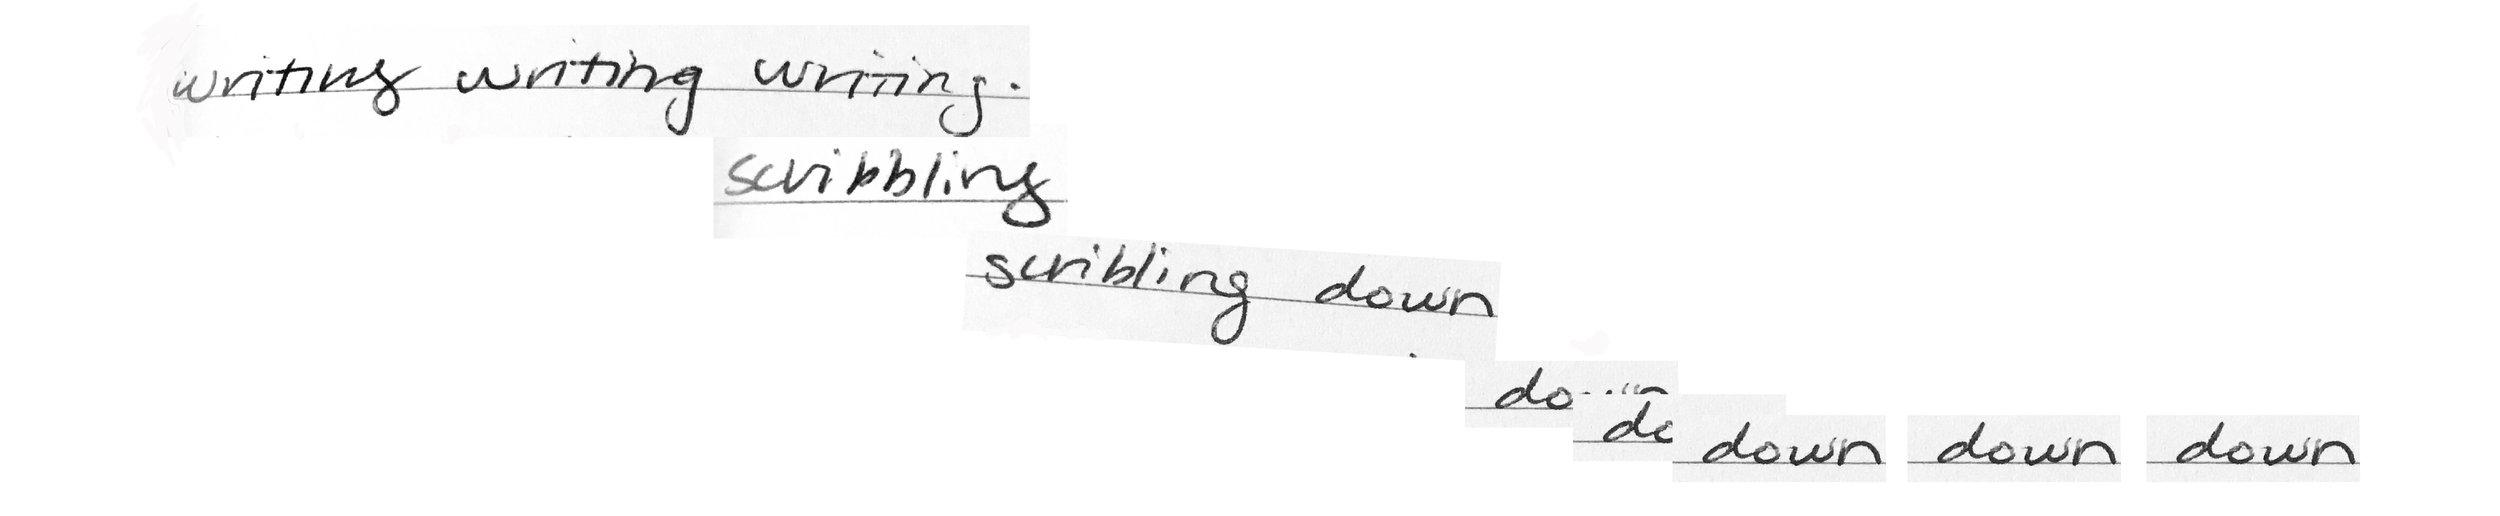 scribbles-01.jpg